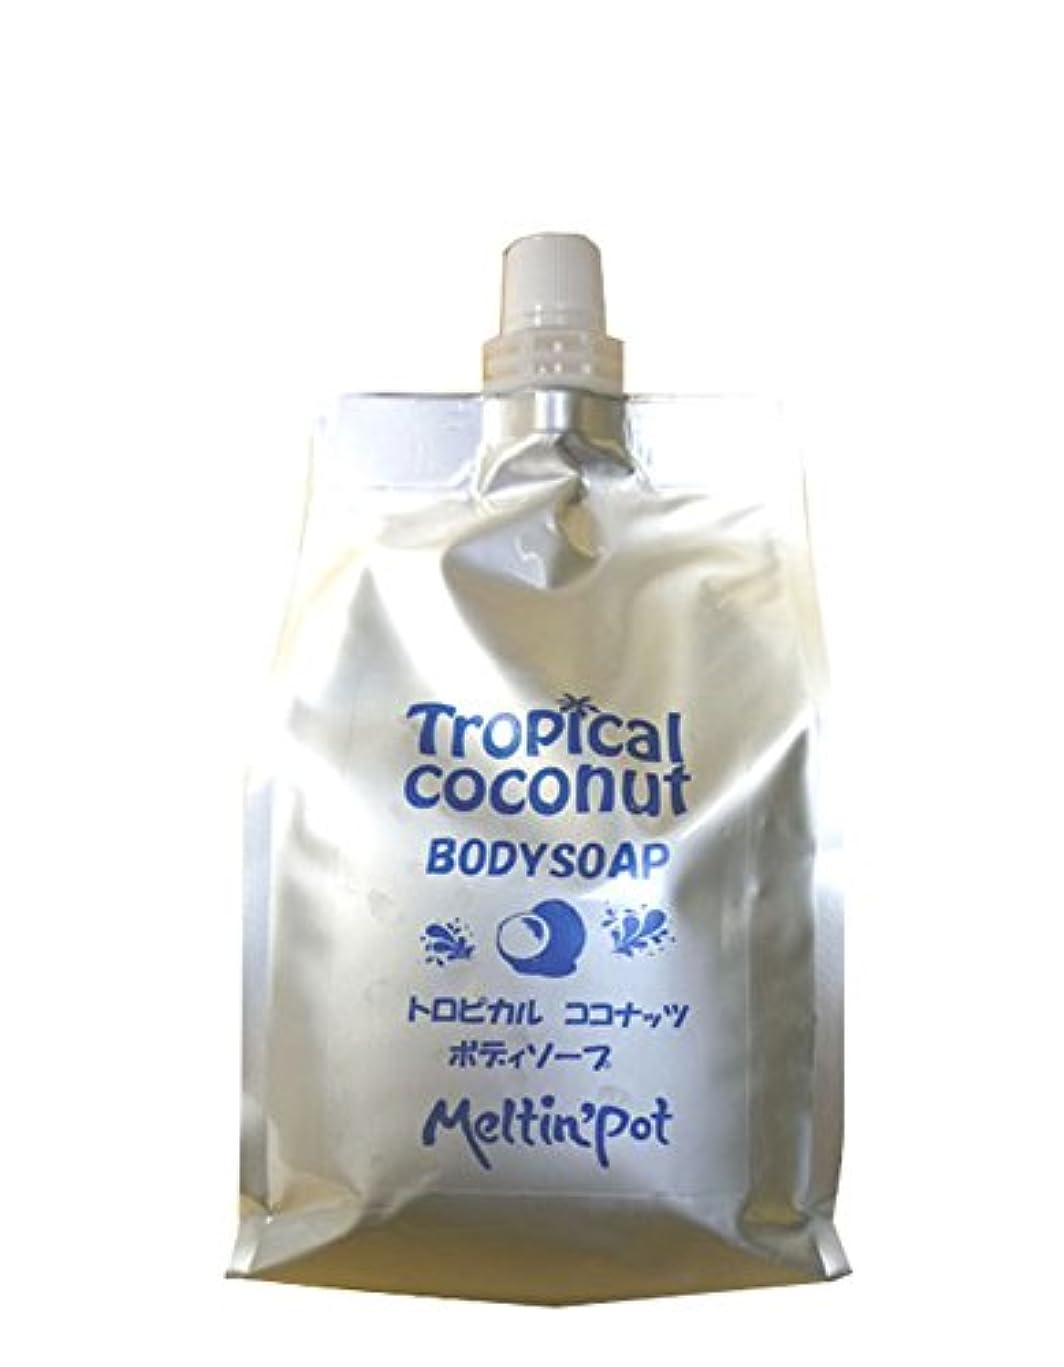 用心する寛容バイナリトロピカルココナッツ ボディソープ 1000ml 詰め替え Tropical coconut Body Soap 加齢臭に! [MeltinPot]